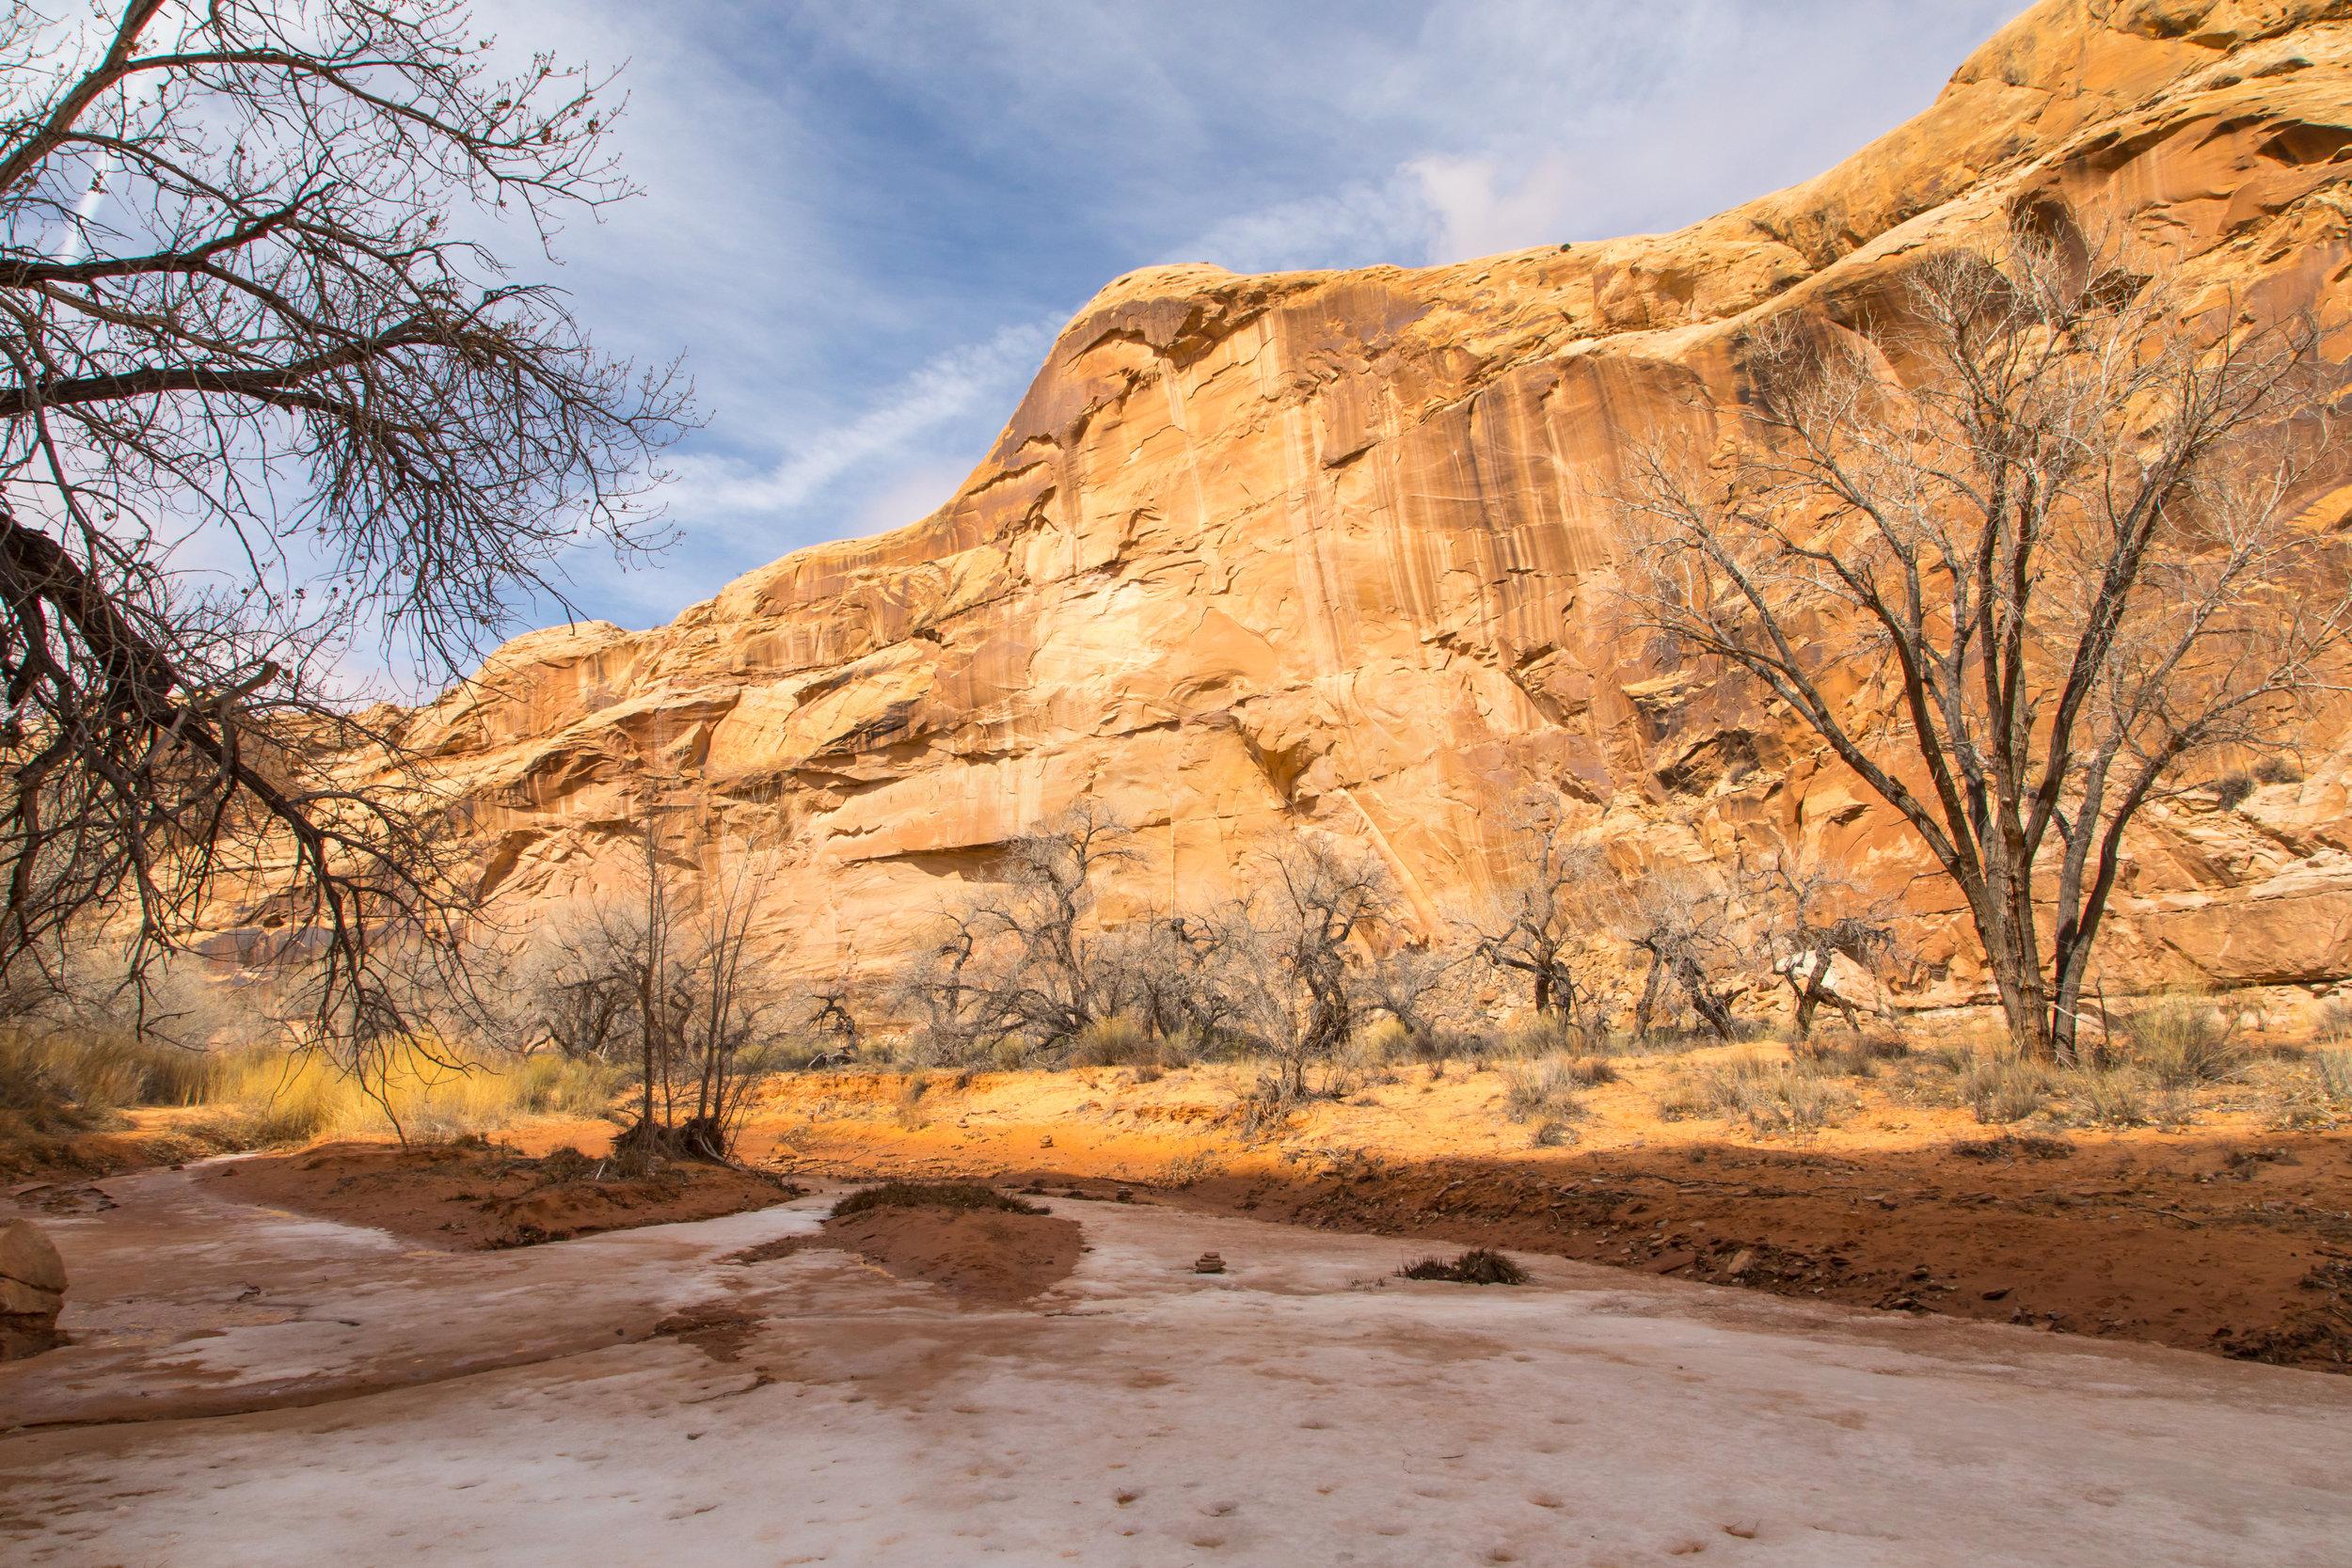 Horseshoe Canyon, Image # 9165